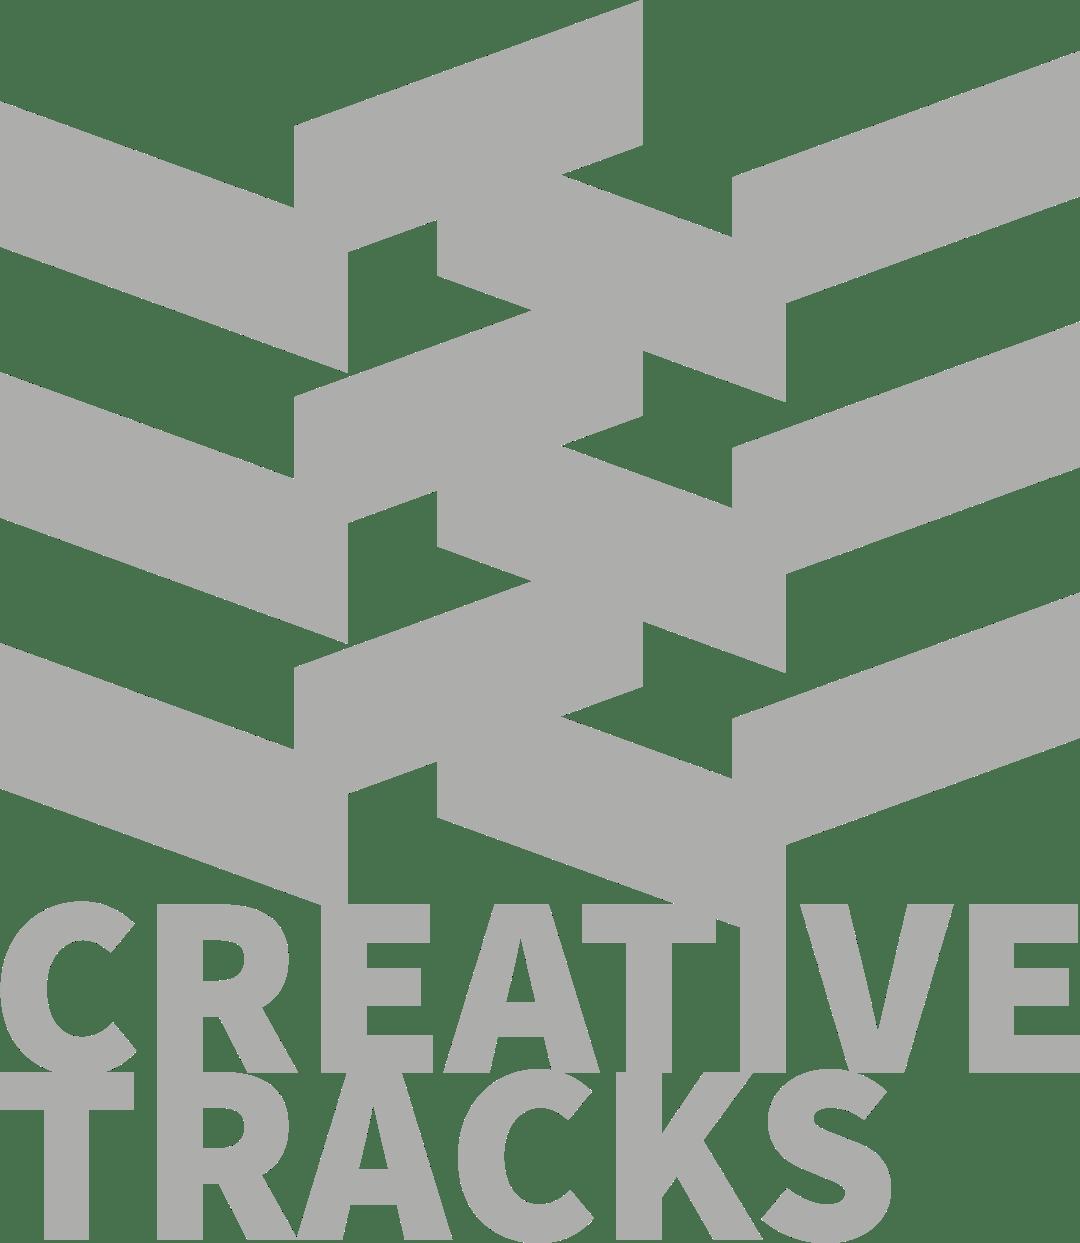 creative tracks